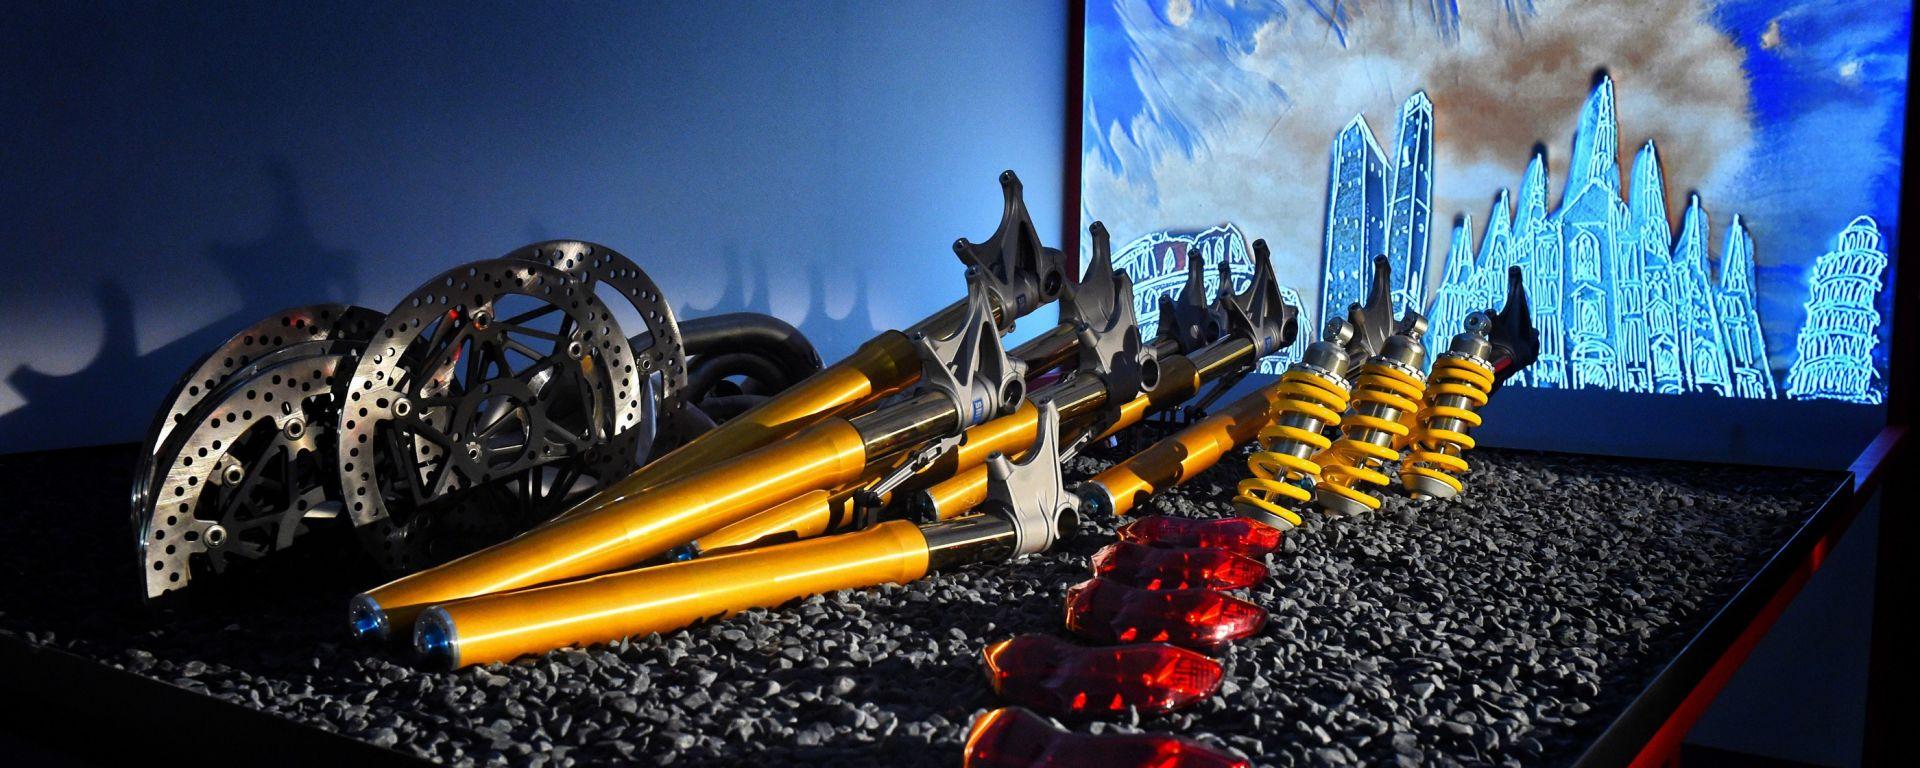 Ducati al Salone del Mobile